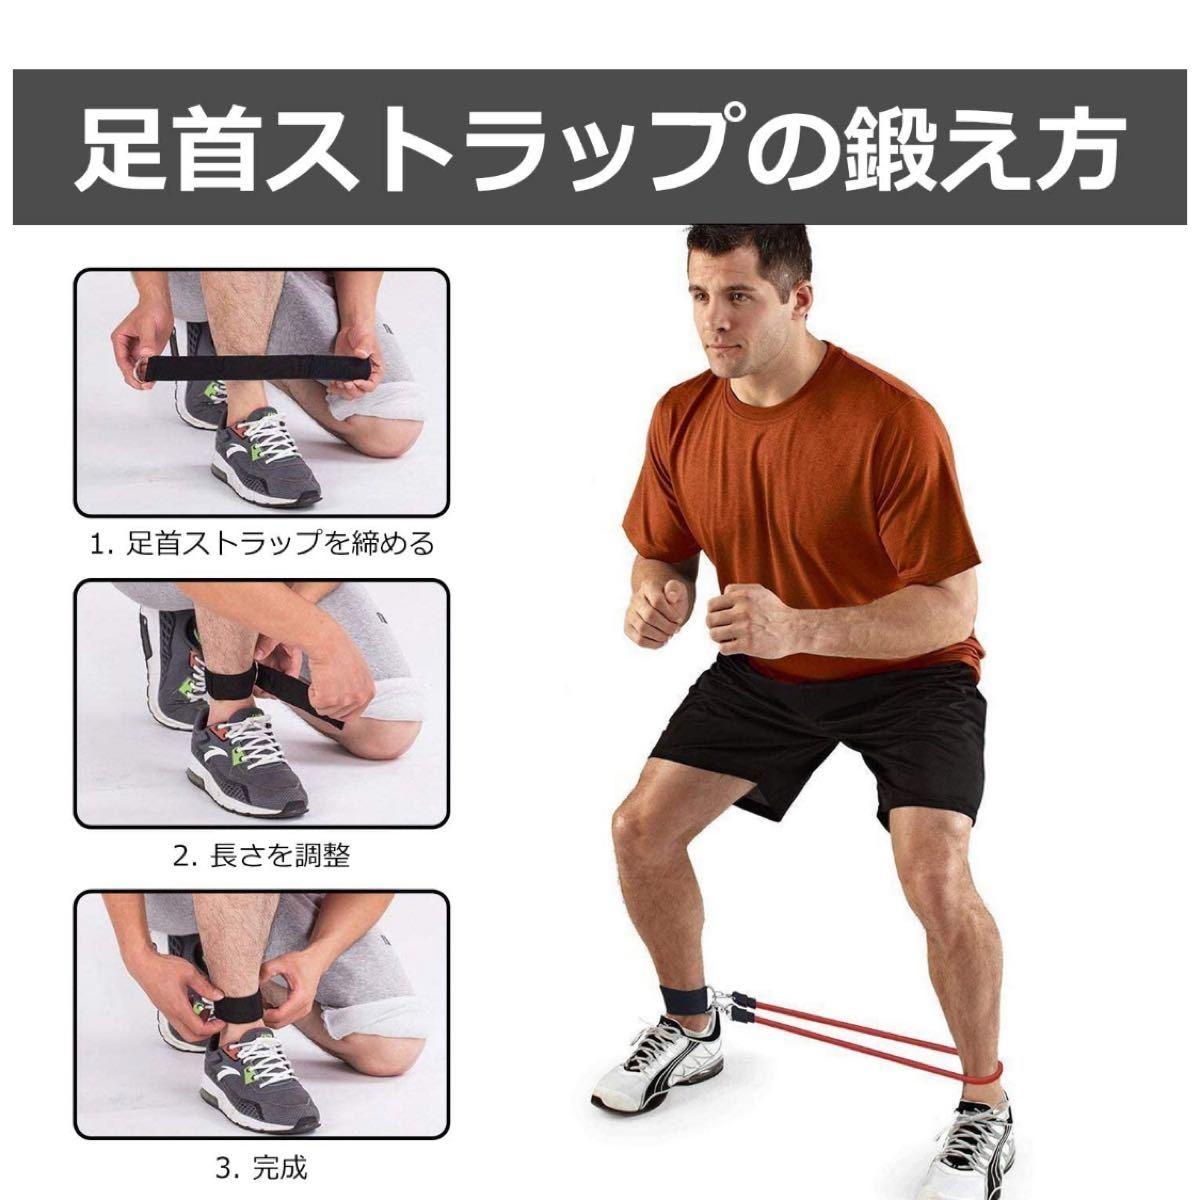 トレーニングチューブ フィットネスチューブ トレーニング 高負荷 ゴム